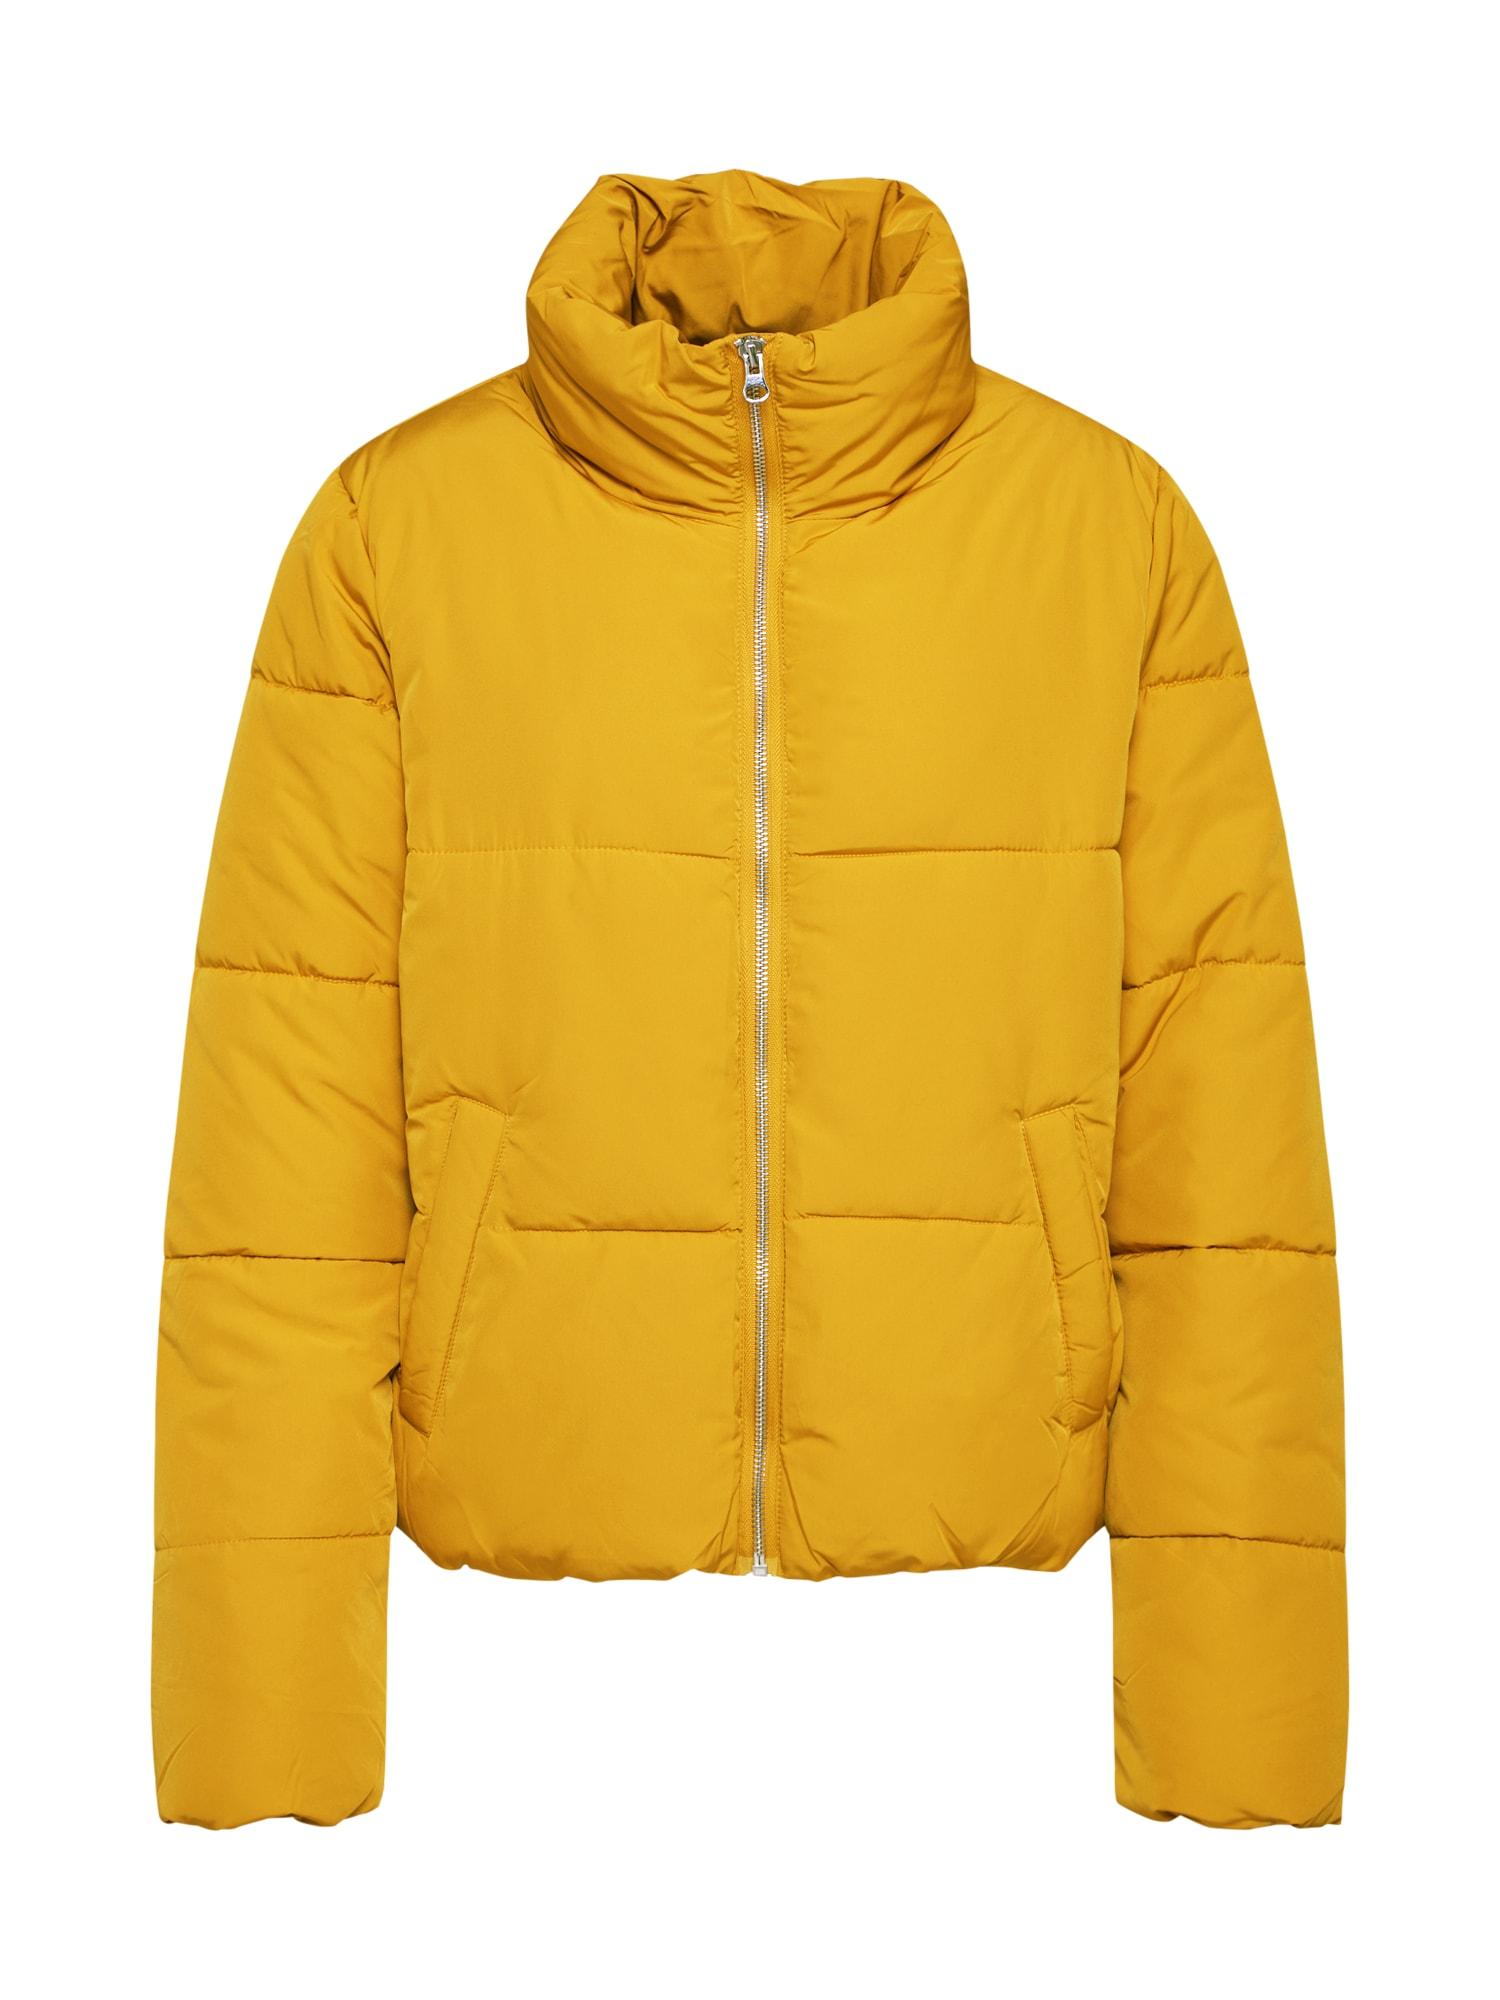 JDY Demisezoninė striukė garstyčių spalva / šafrano spalva / tamsiai geltona